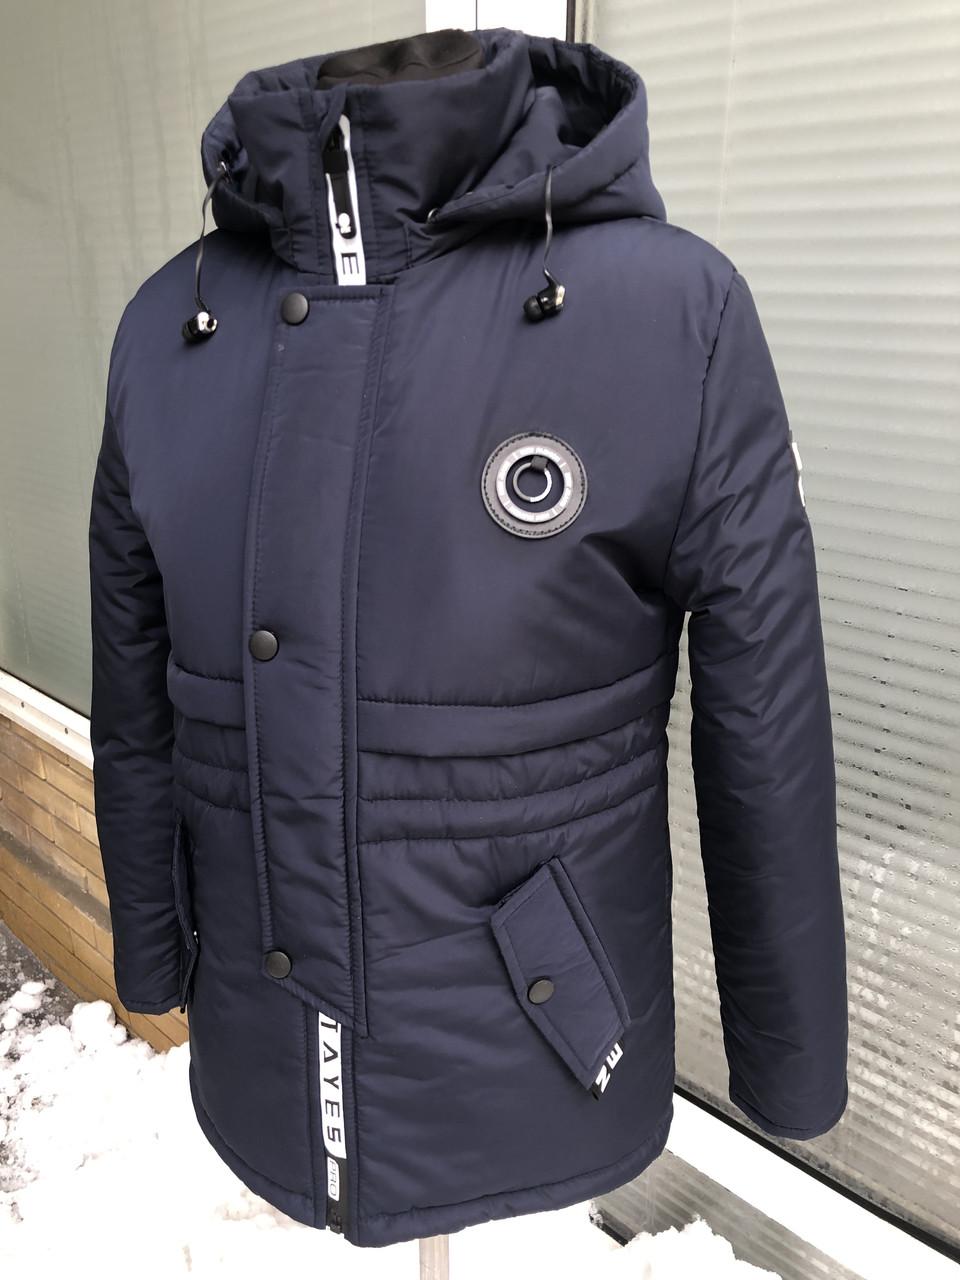 Куртка-парка с наушниками весенняя для мальчика подростка 140-169 рост